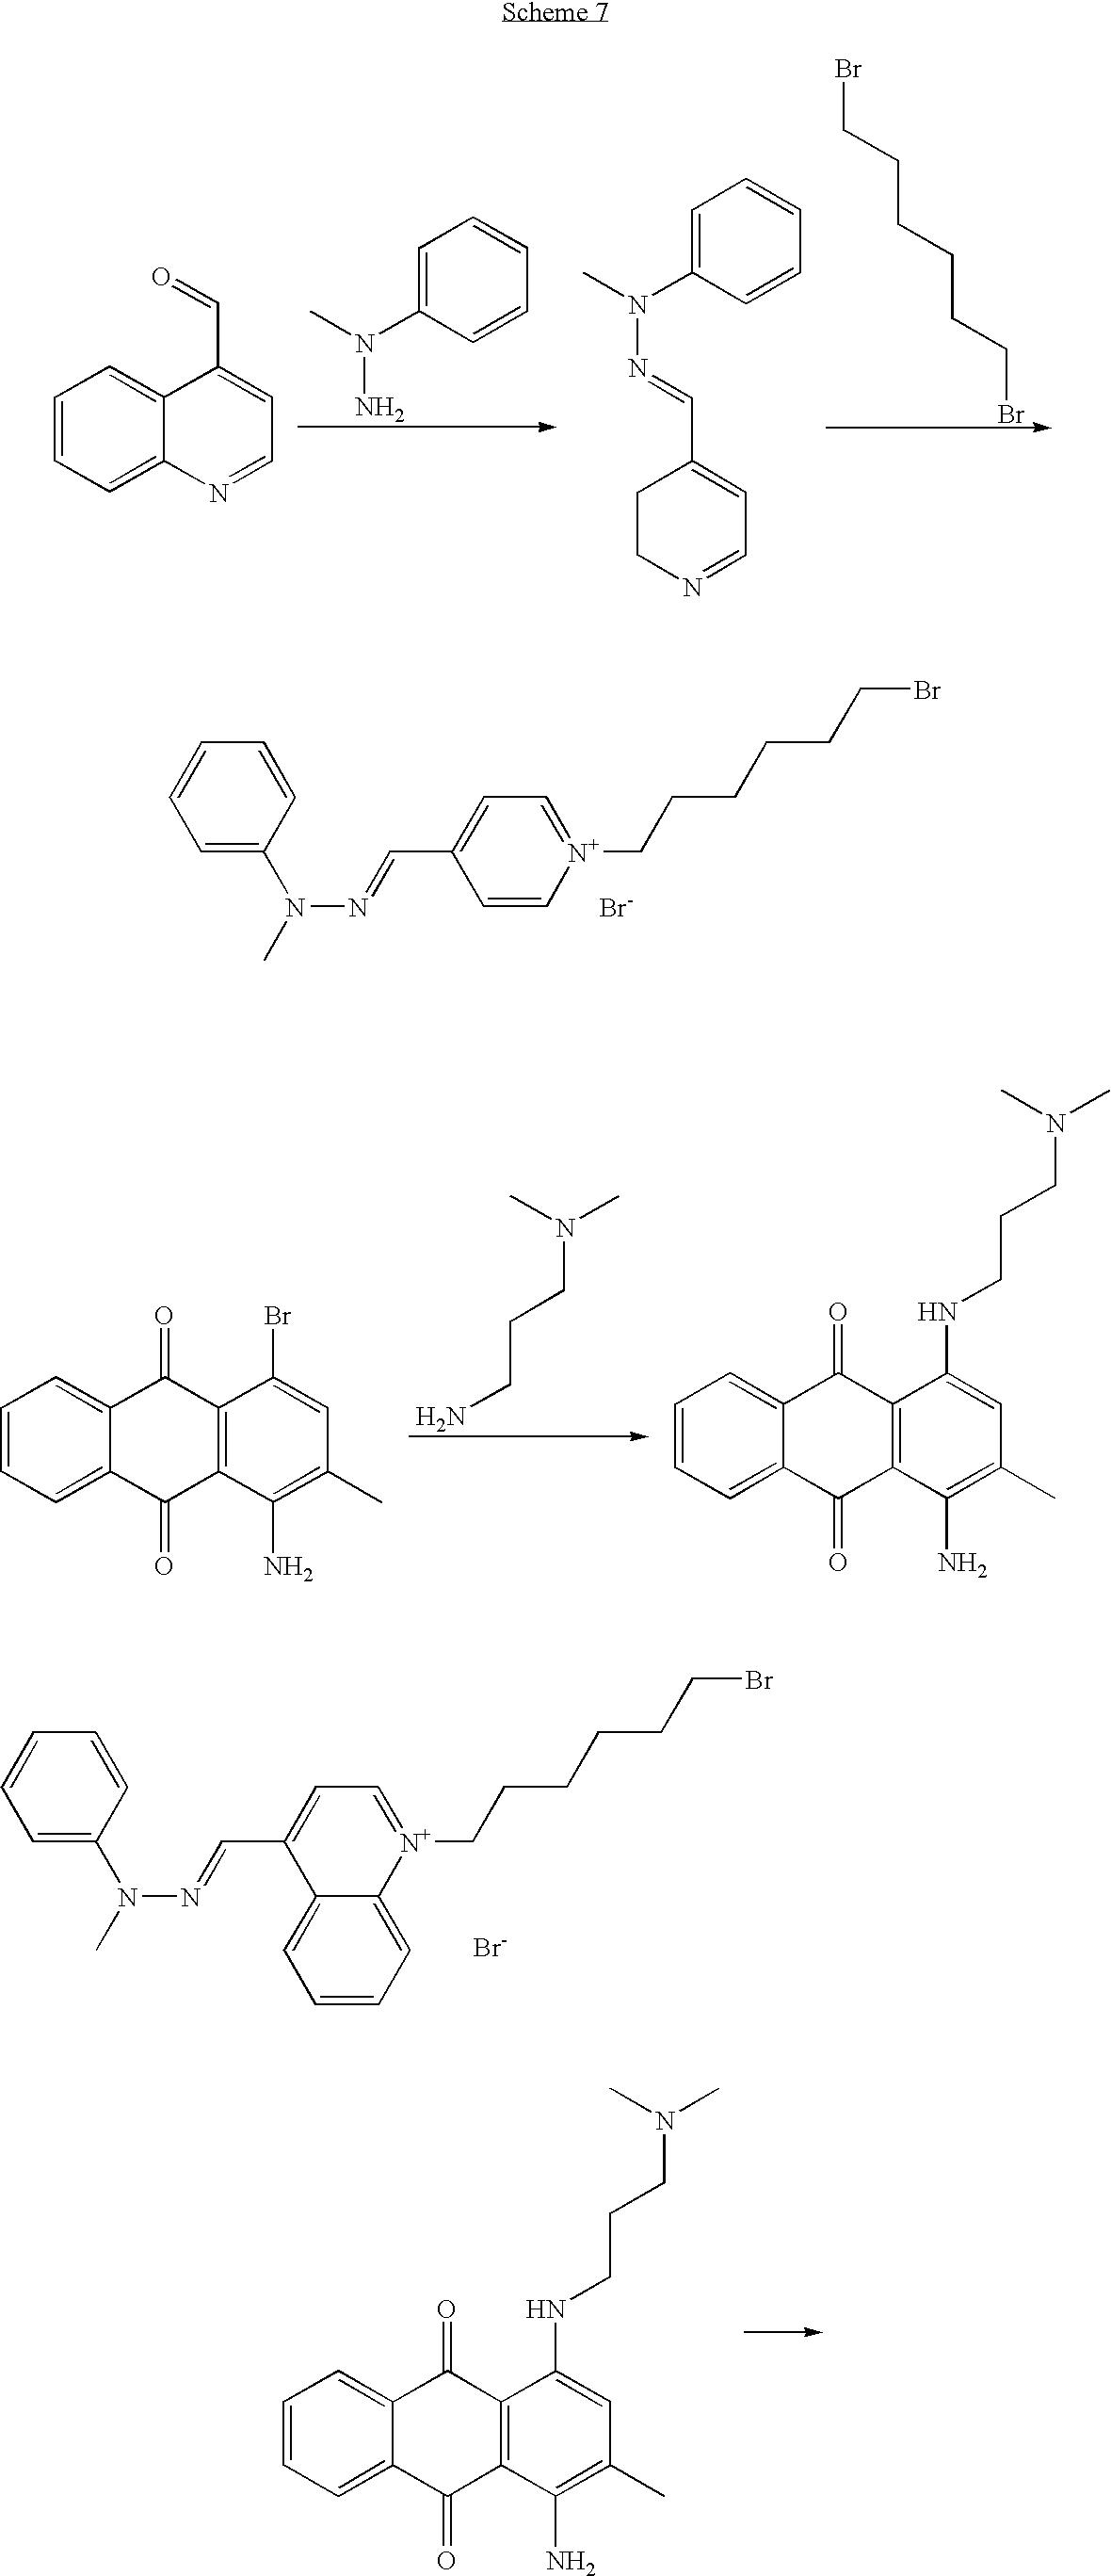 Figure US07582122-20090901-C00048